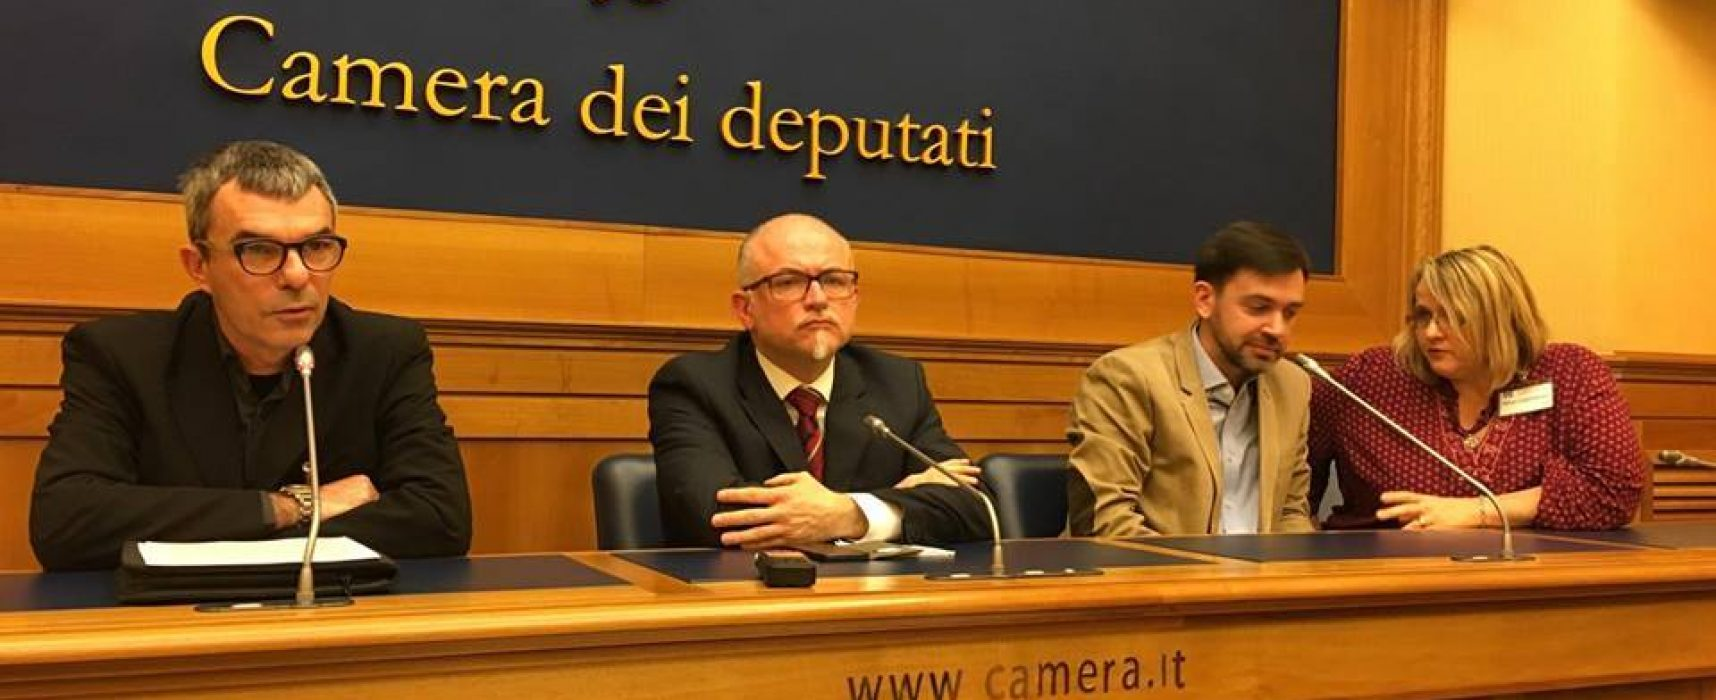 Parlamento italiano for Concorsi parlamento italiano 2017